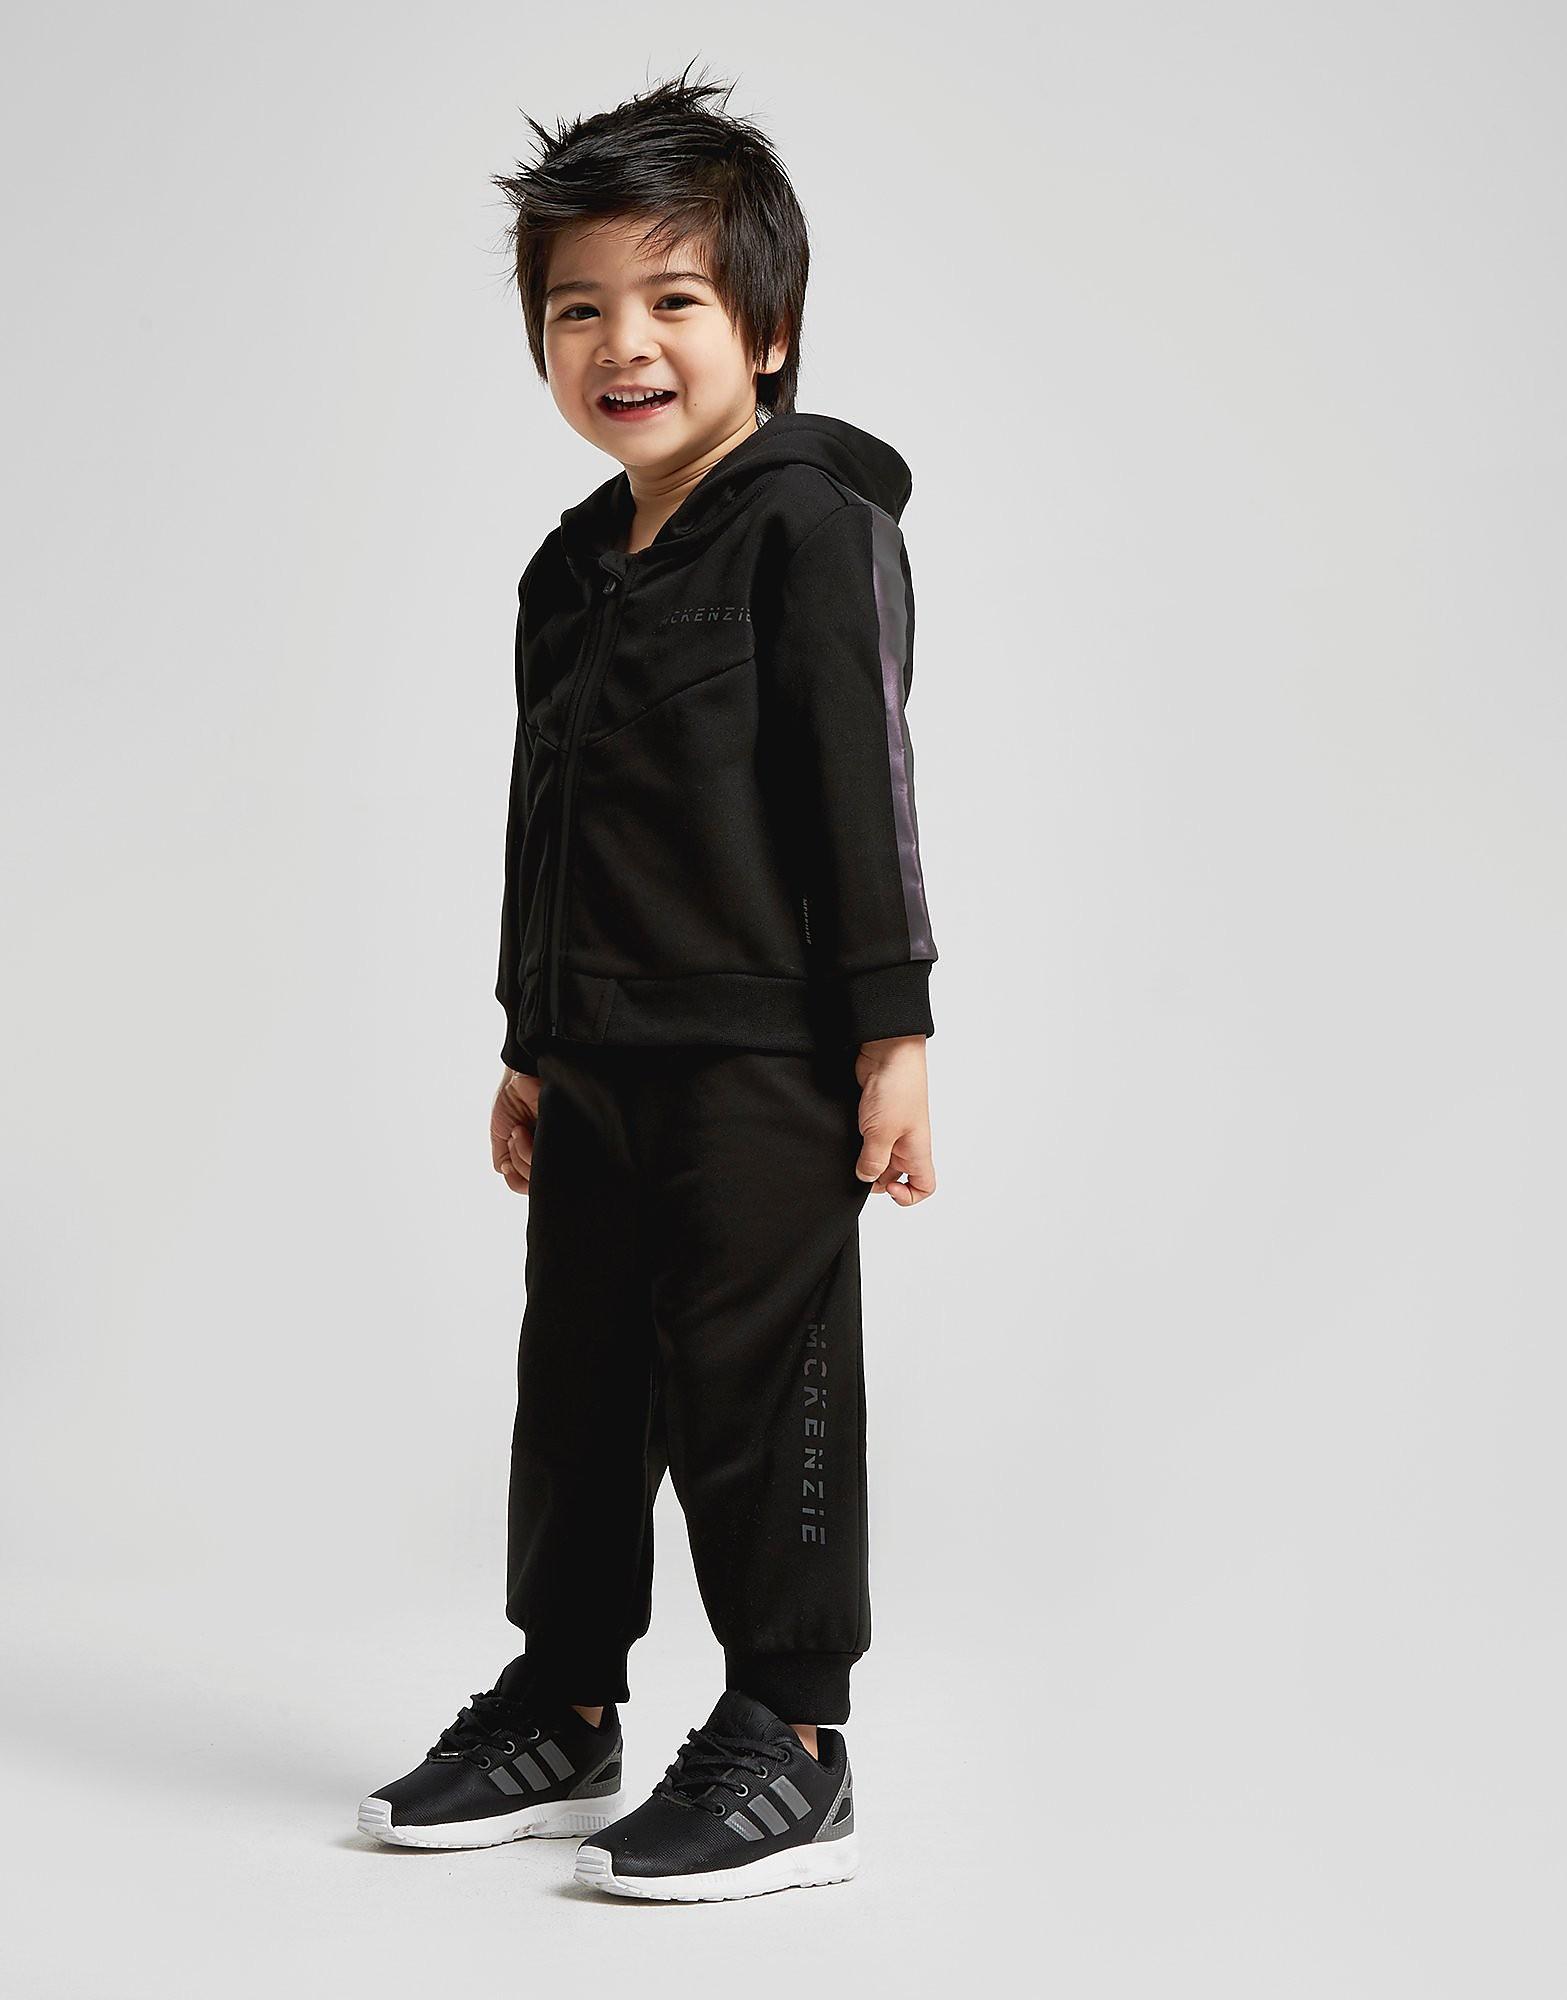 McKenzie Micro Ryker Full Zip Suit Infant - alleen bij JD - Zwart - Kind